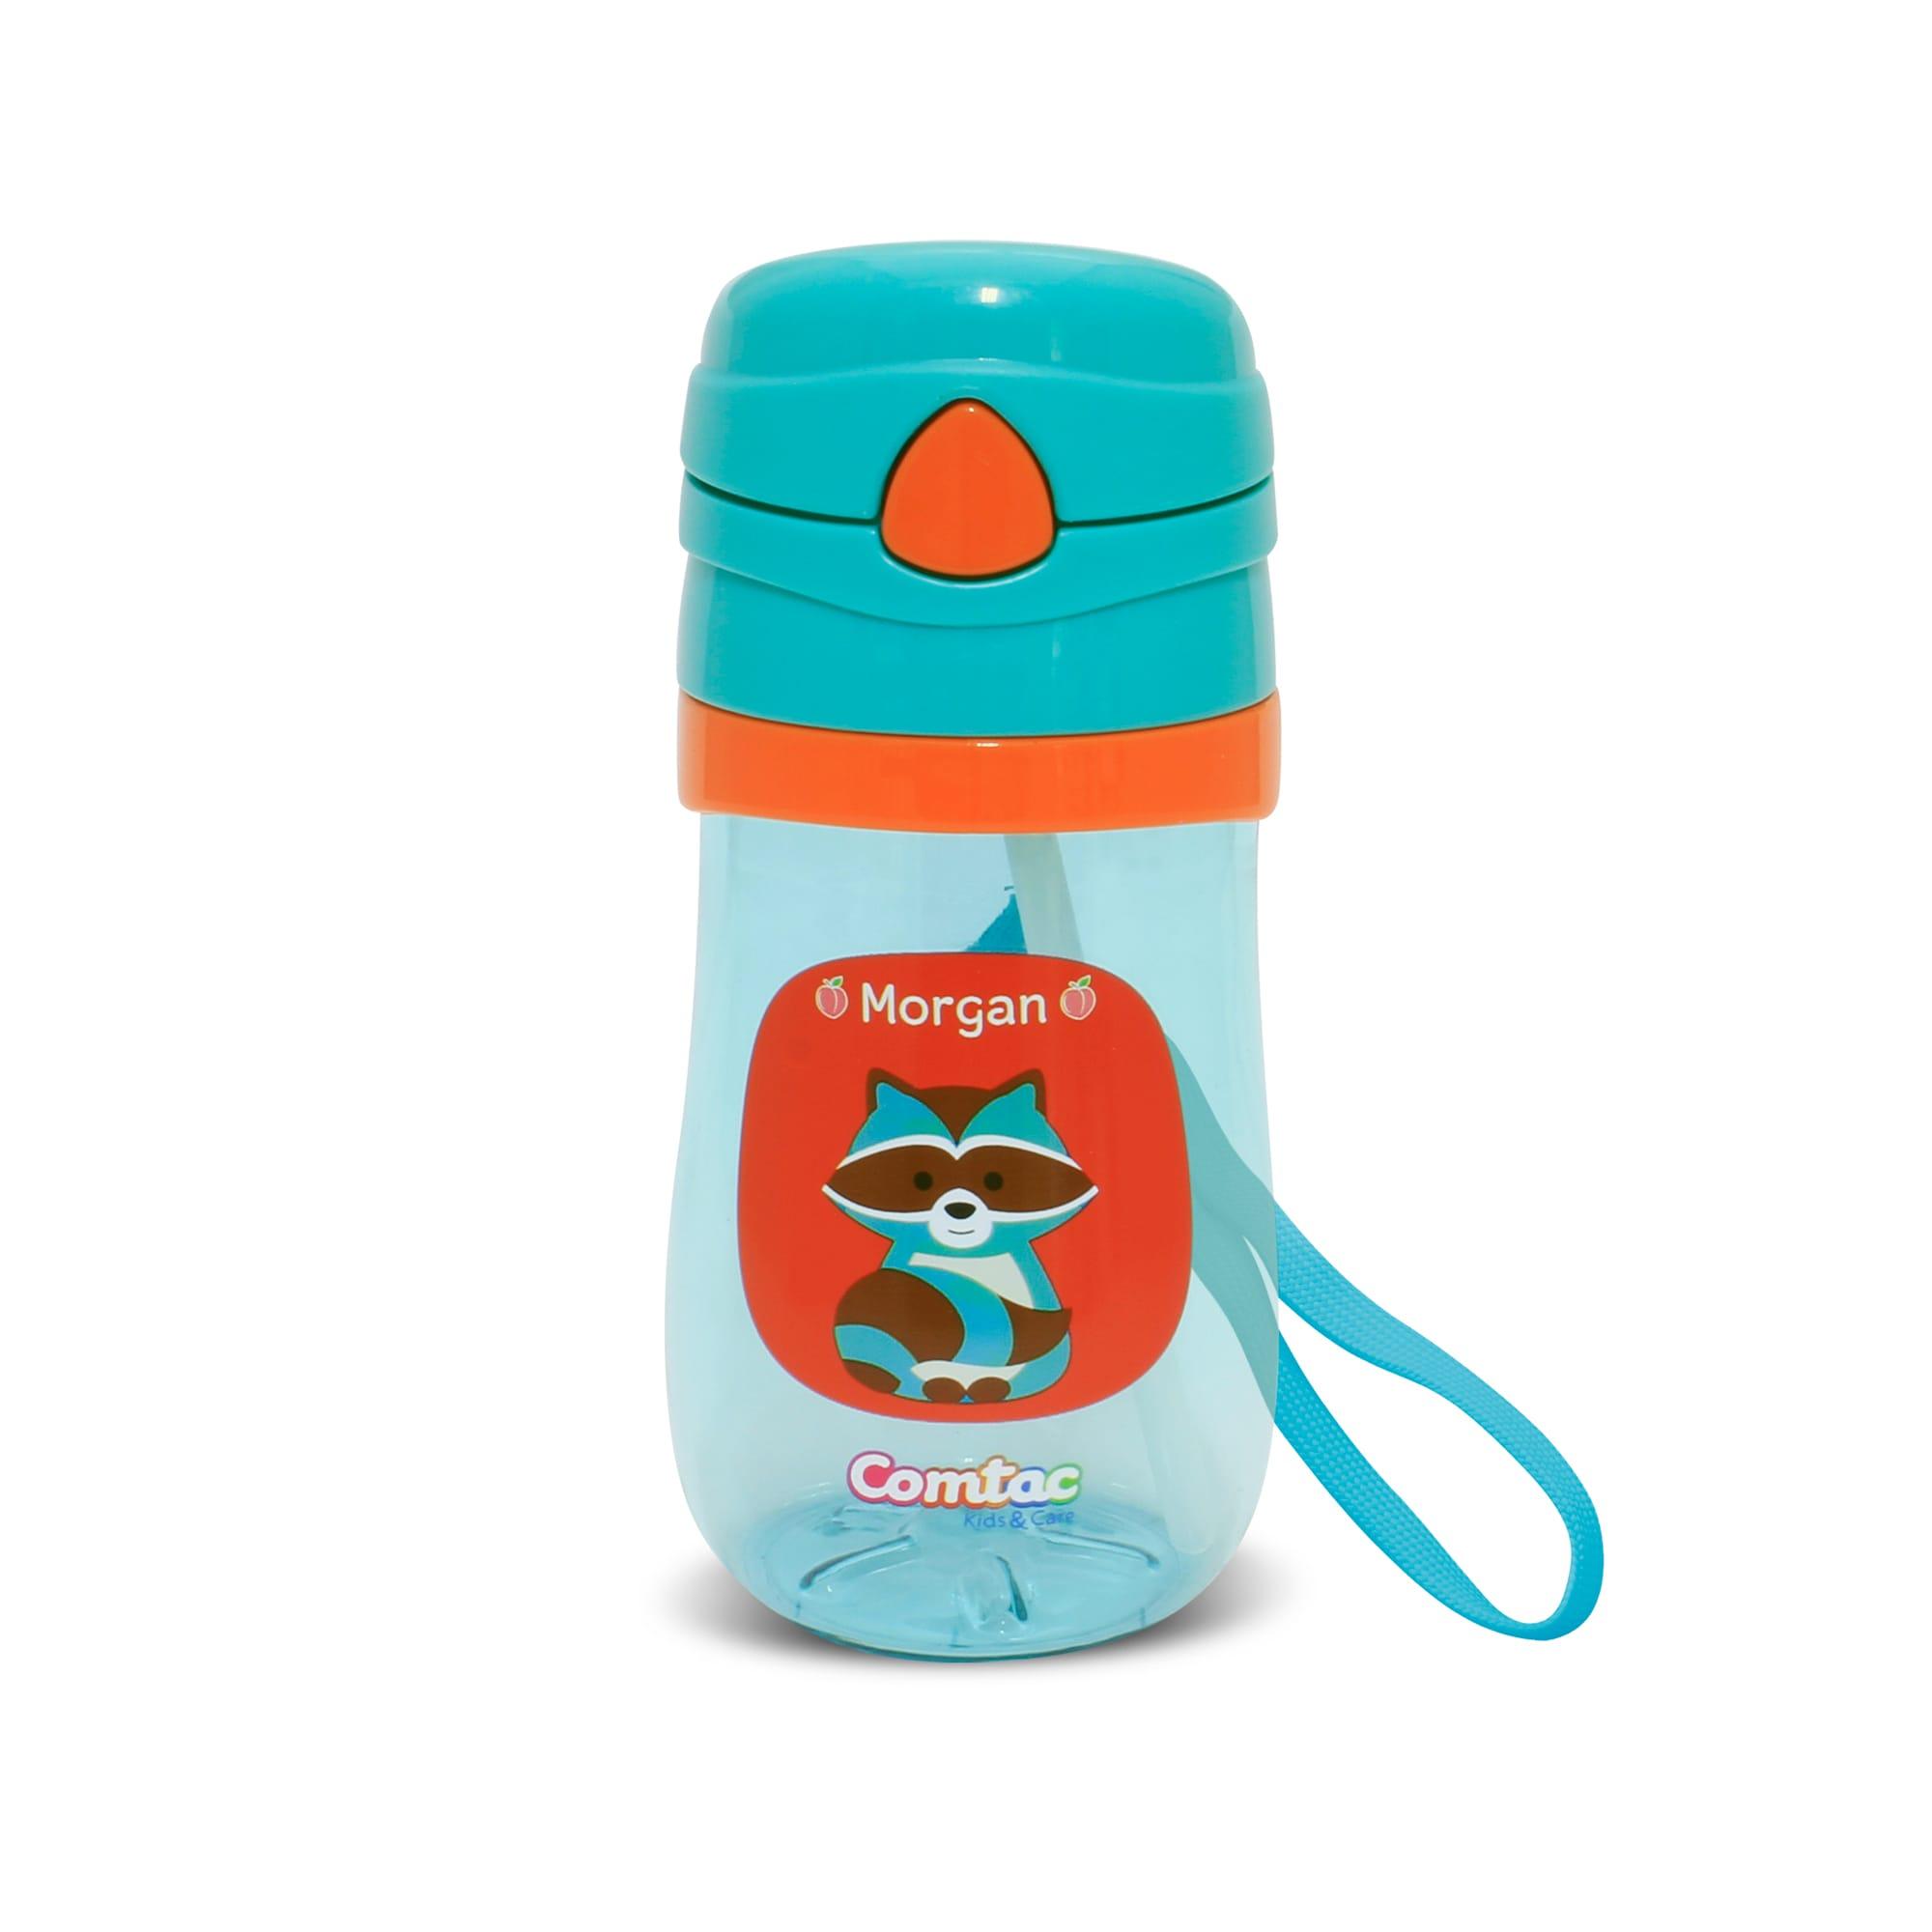 Copo Plástico Com Canudo Pop up Guaxinim Morgan - Comtac